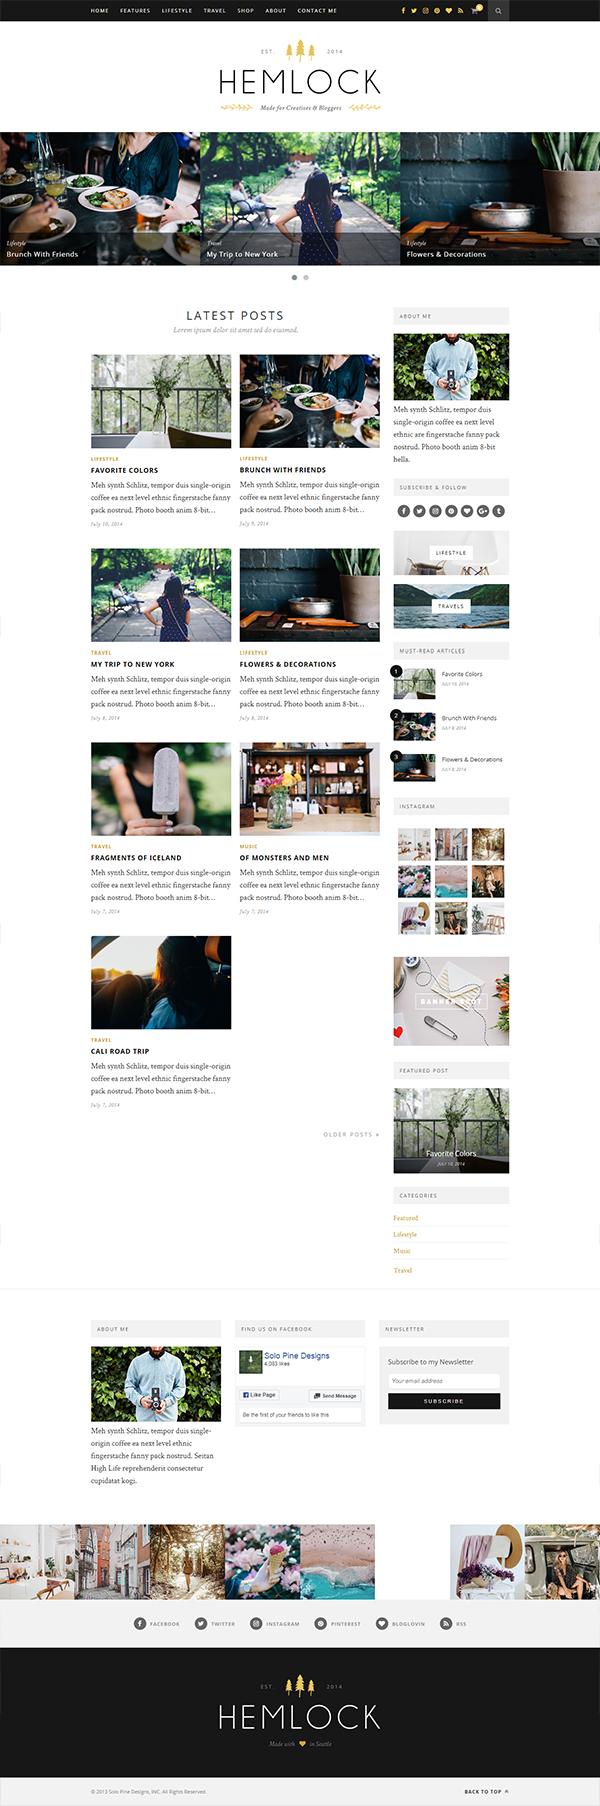 Hemlock - A Responsive WordPress Blog Theme